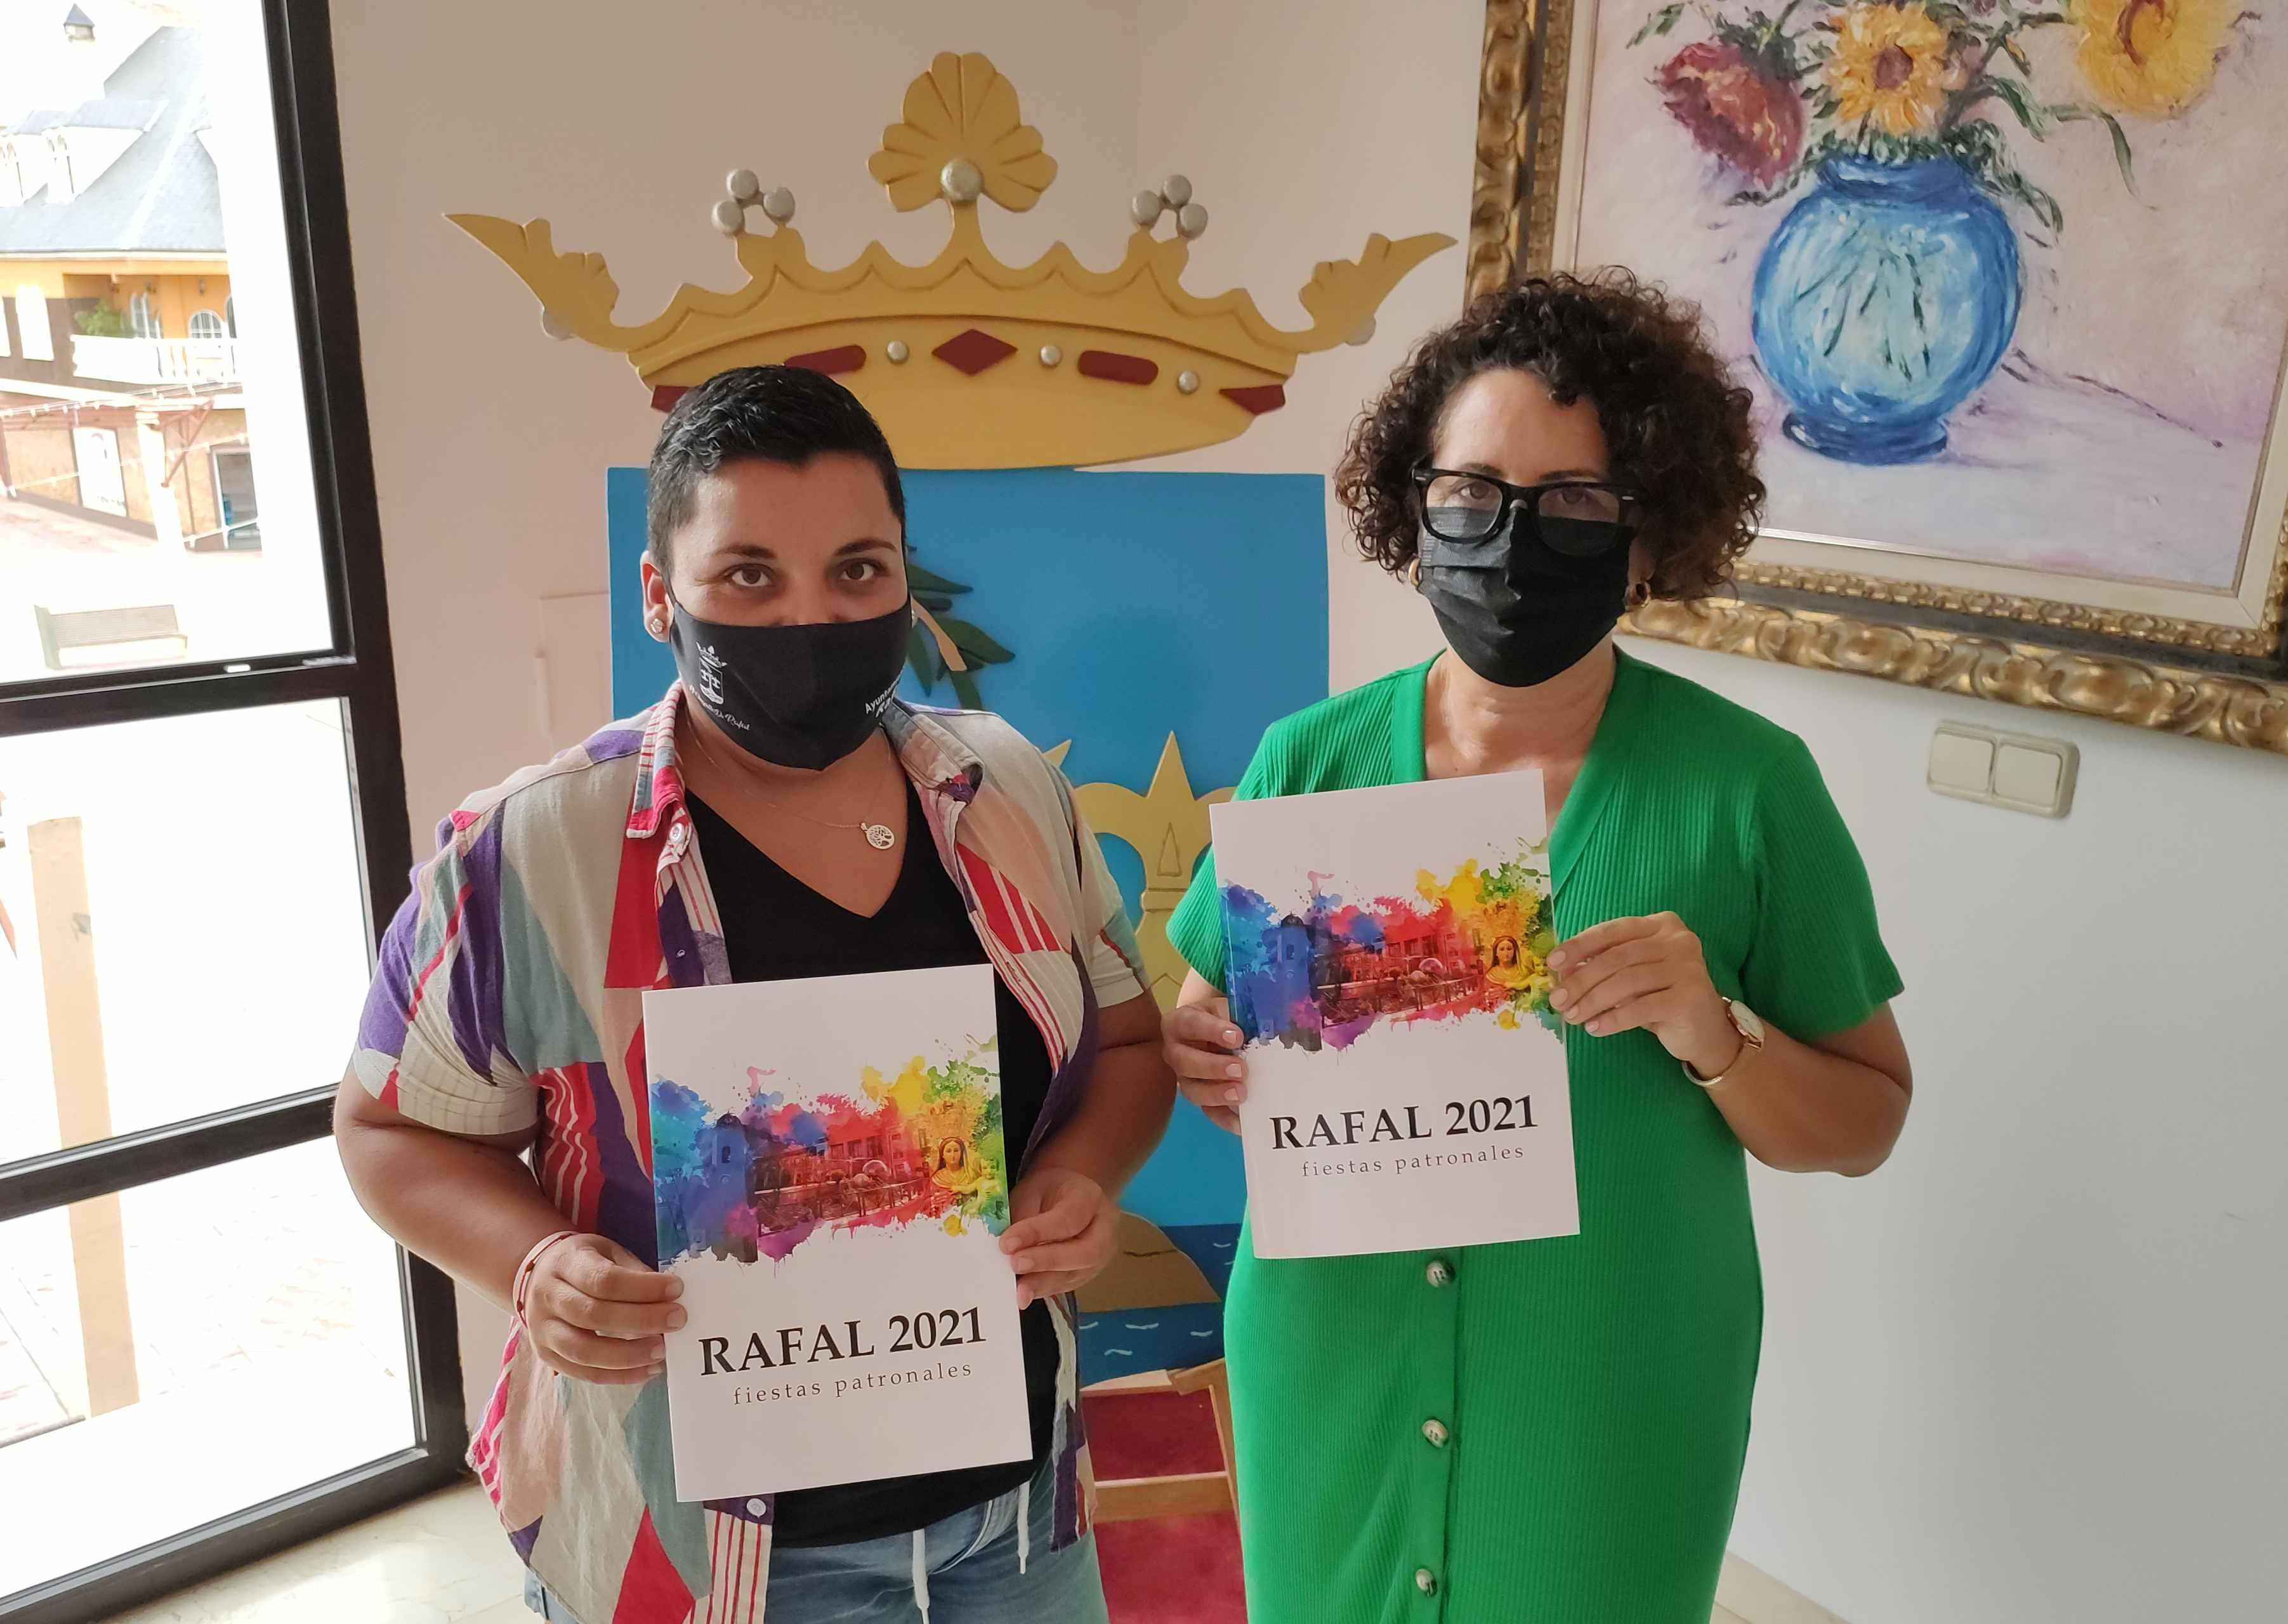 Rafal celebra sus fiestas en honor a la Virgen del Rosario este año 2021 con todos los protocolos frente al Covid-19